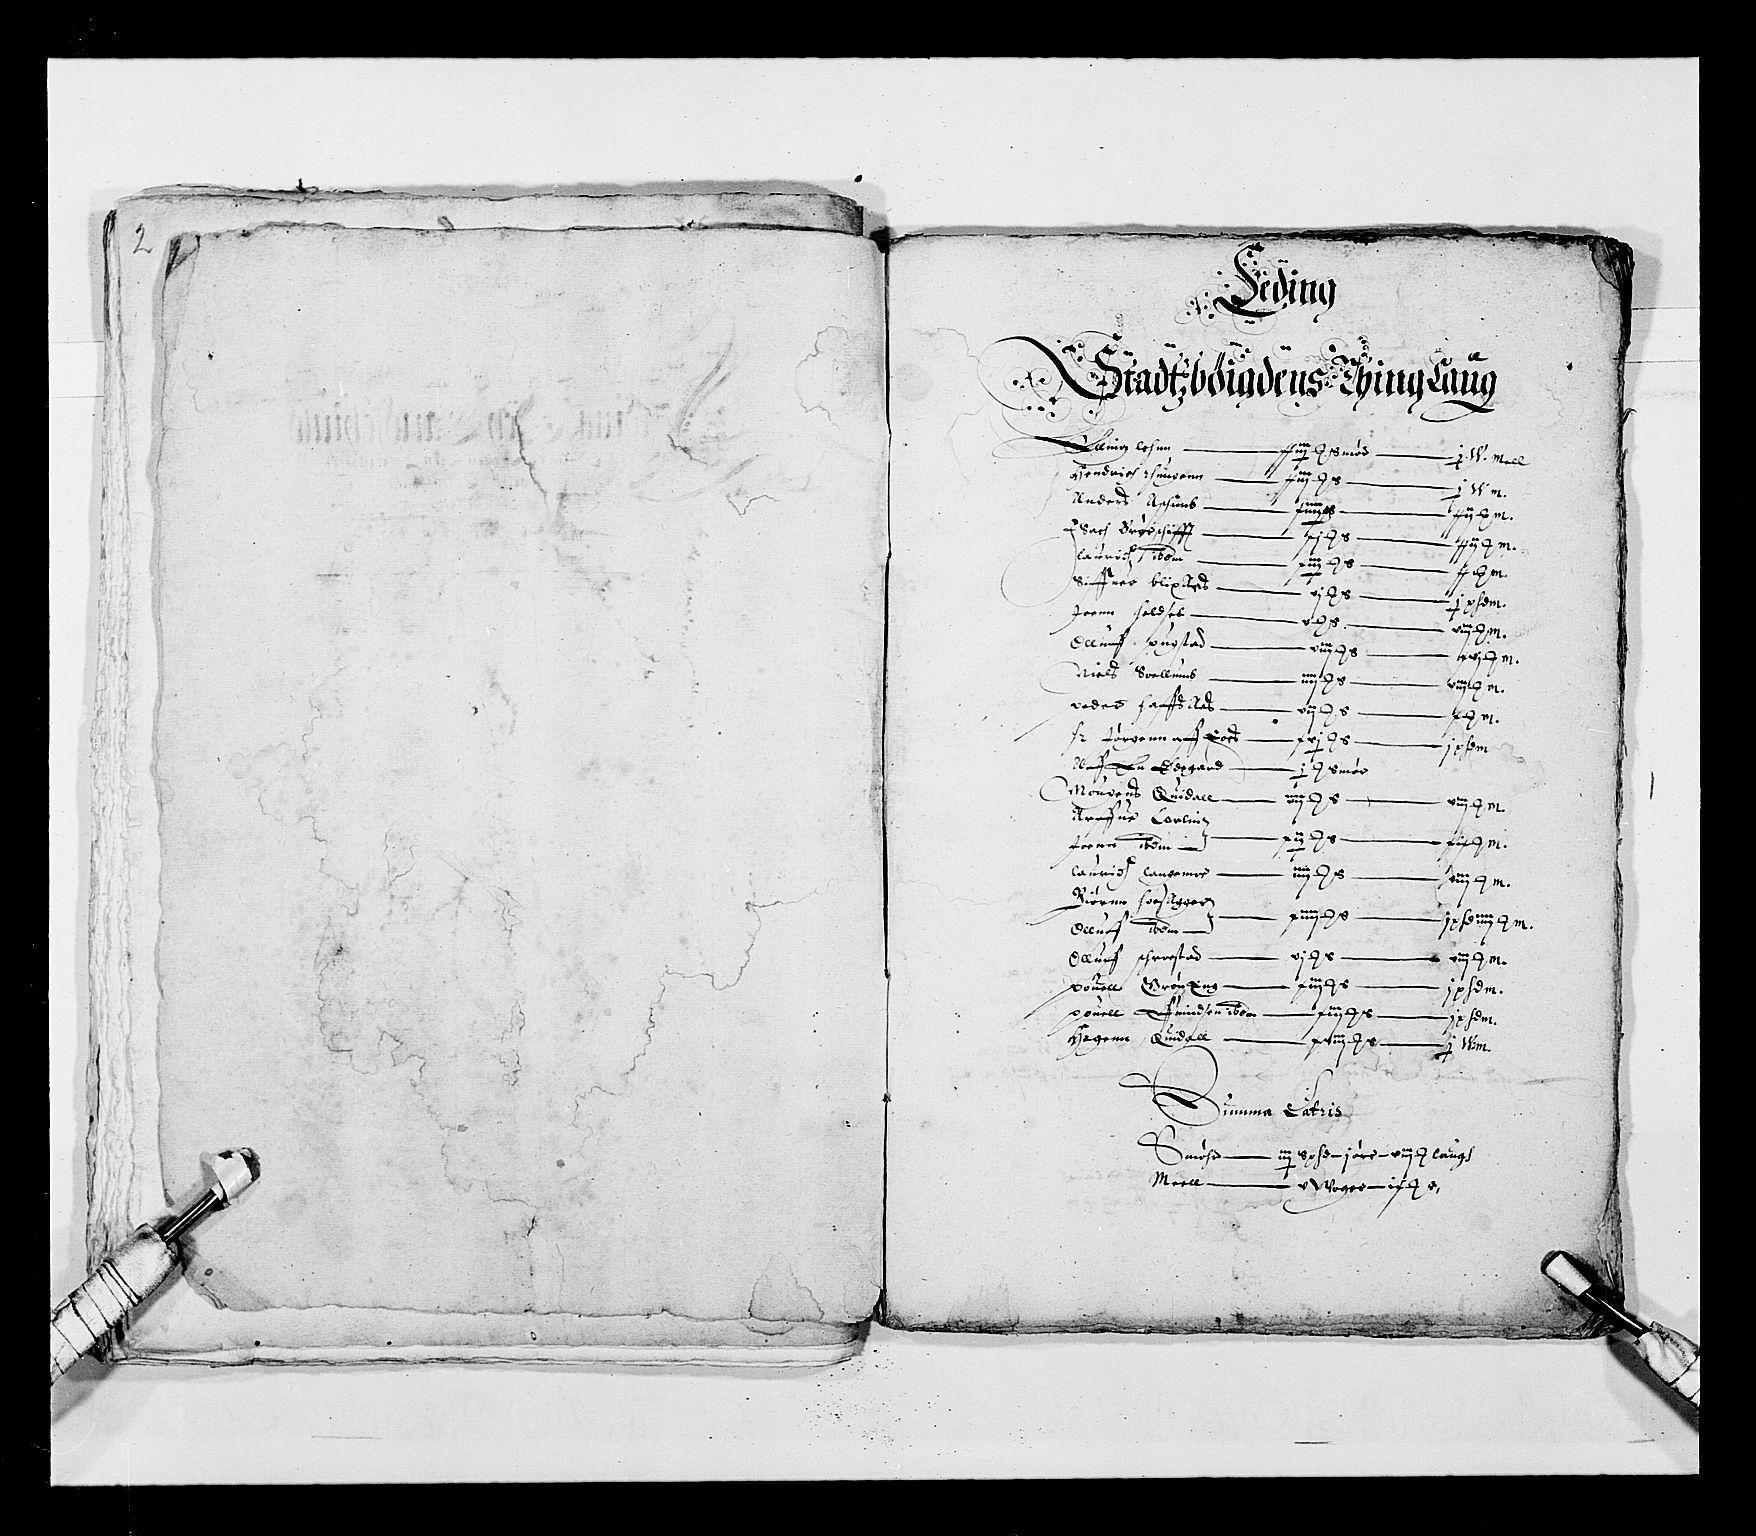 RA, Stattholderembetet 1572-1771, Ek/L0028: Jordebøker 1633-1658:, 1645-1646, s. 52